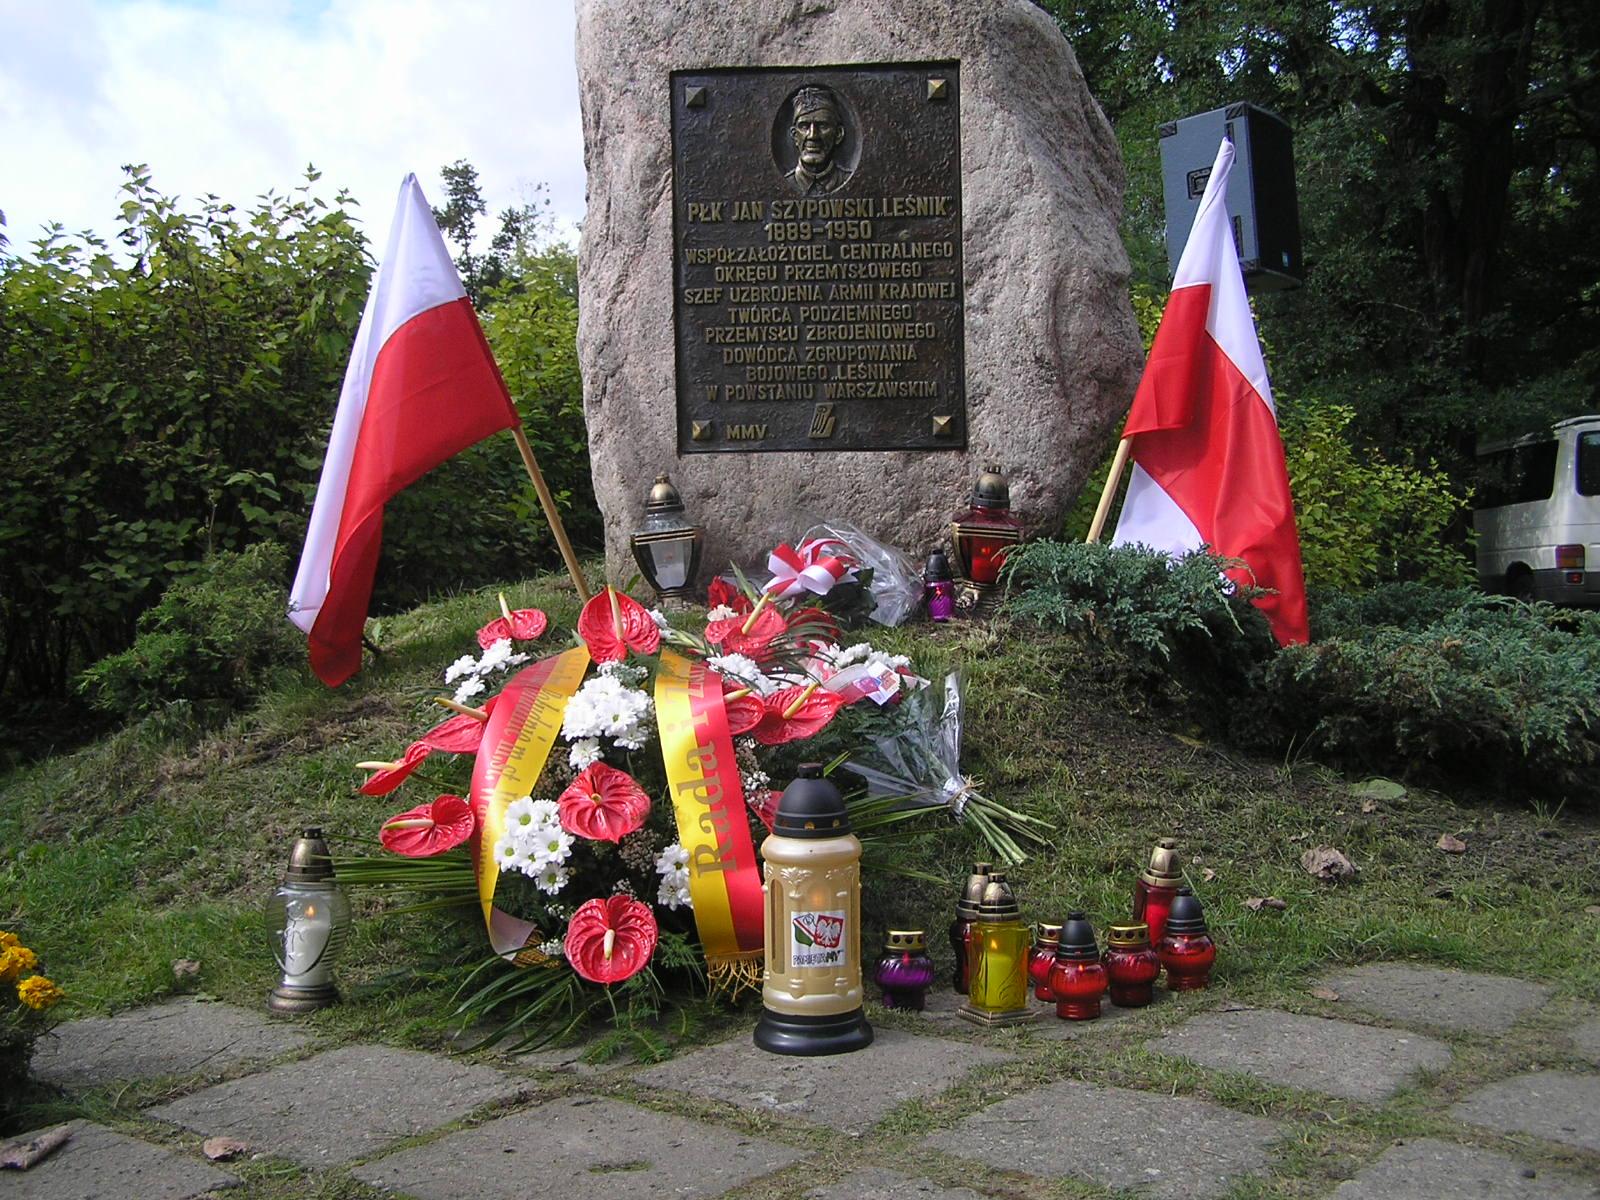 Uroczyste odsłonięcie pomnika-głazu płk. Jana Szypowskiego